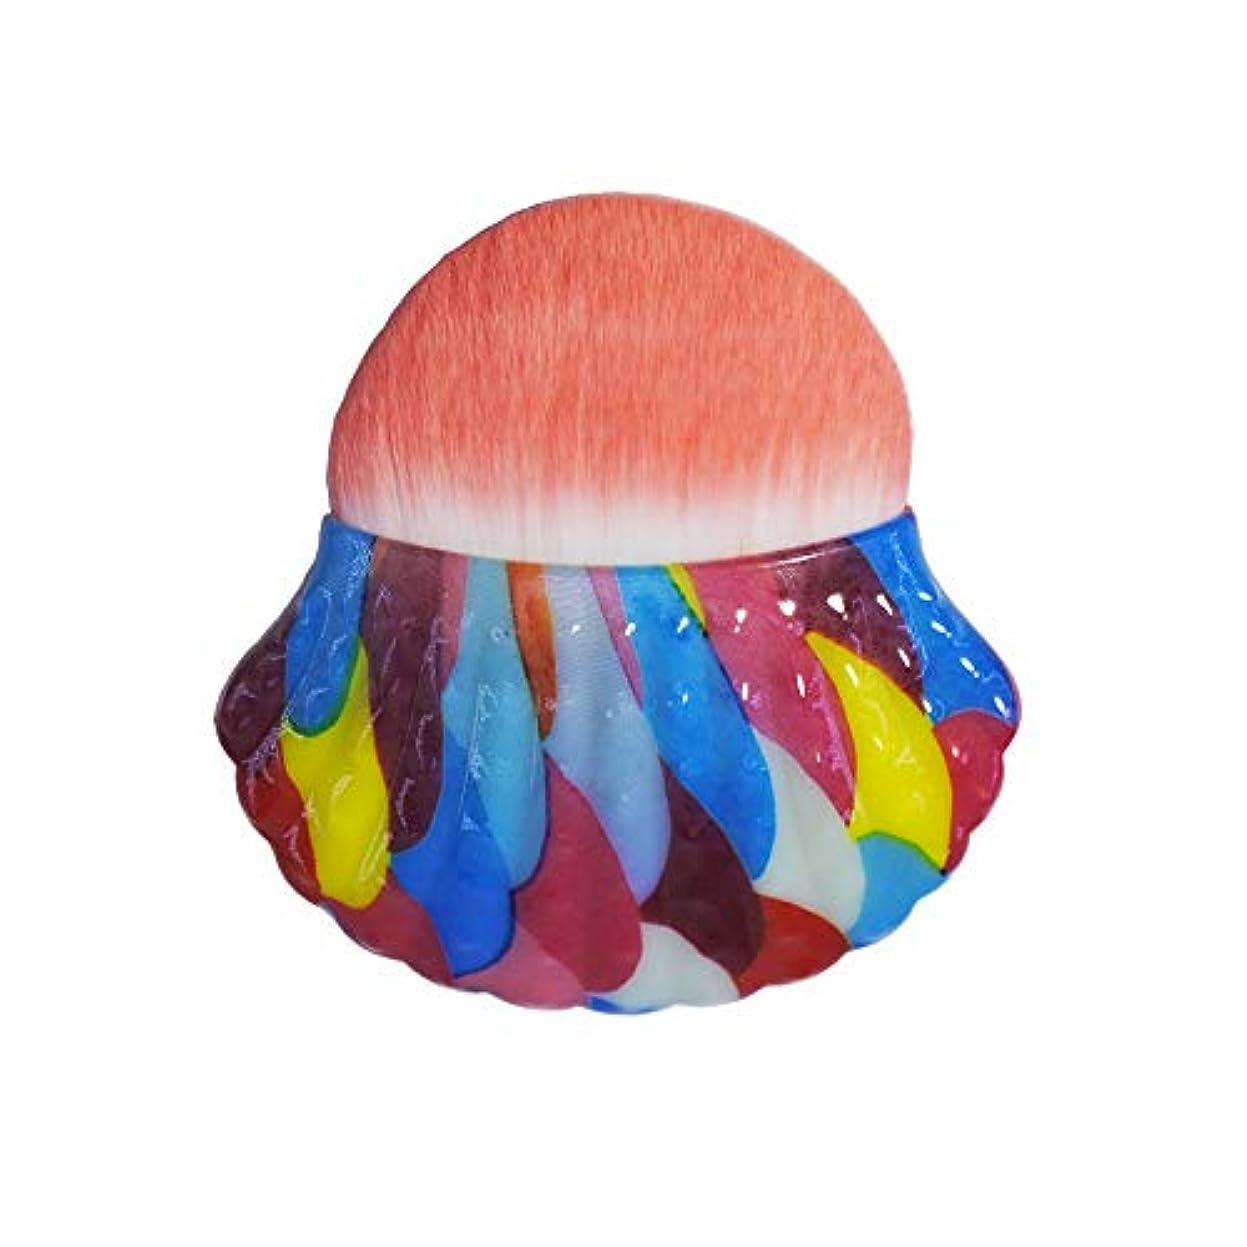 自宅で休眠戦闘Makeup brushes 色、独占シェルタイプブラッシュブラシ美容メイクブラシツールポータブル多機能メイクブラシ suits (Color : Rainbow)